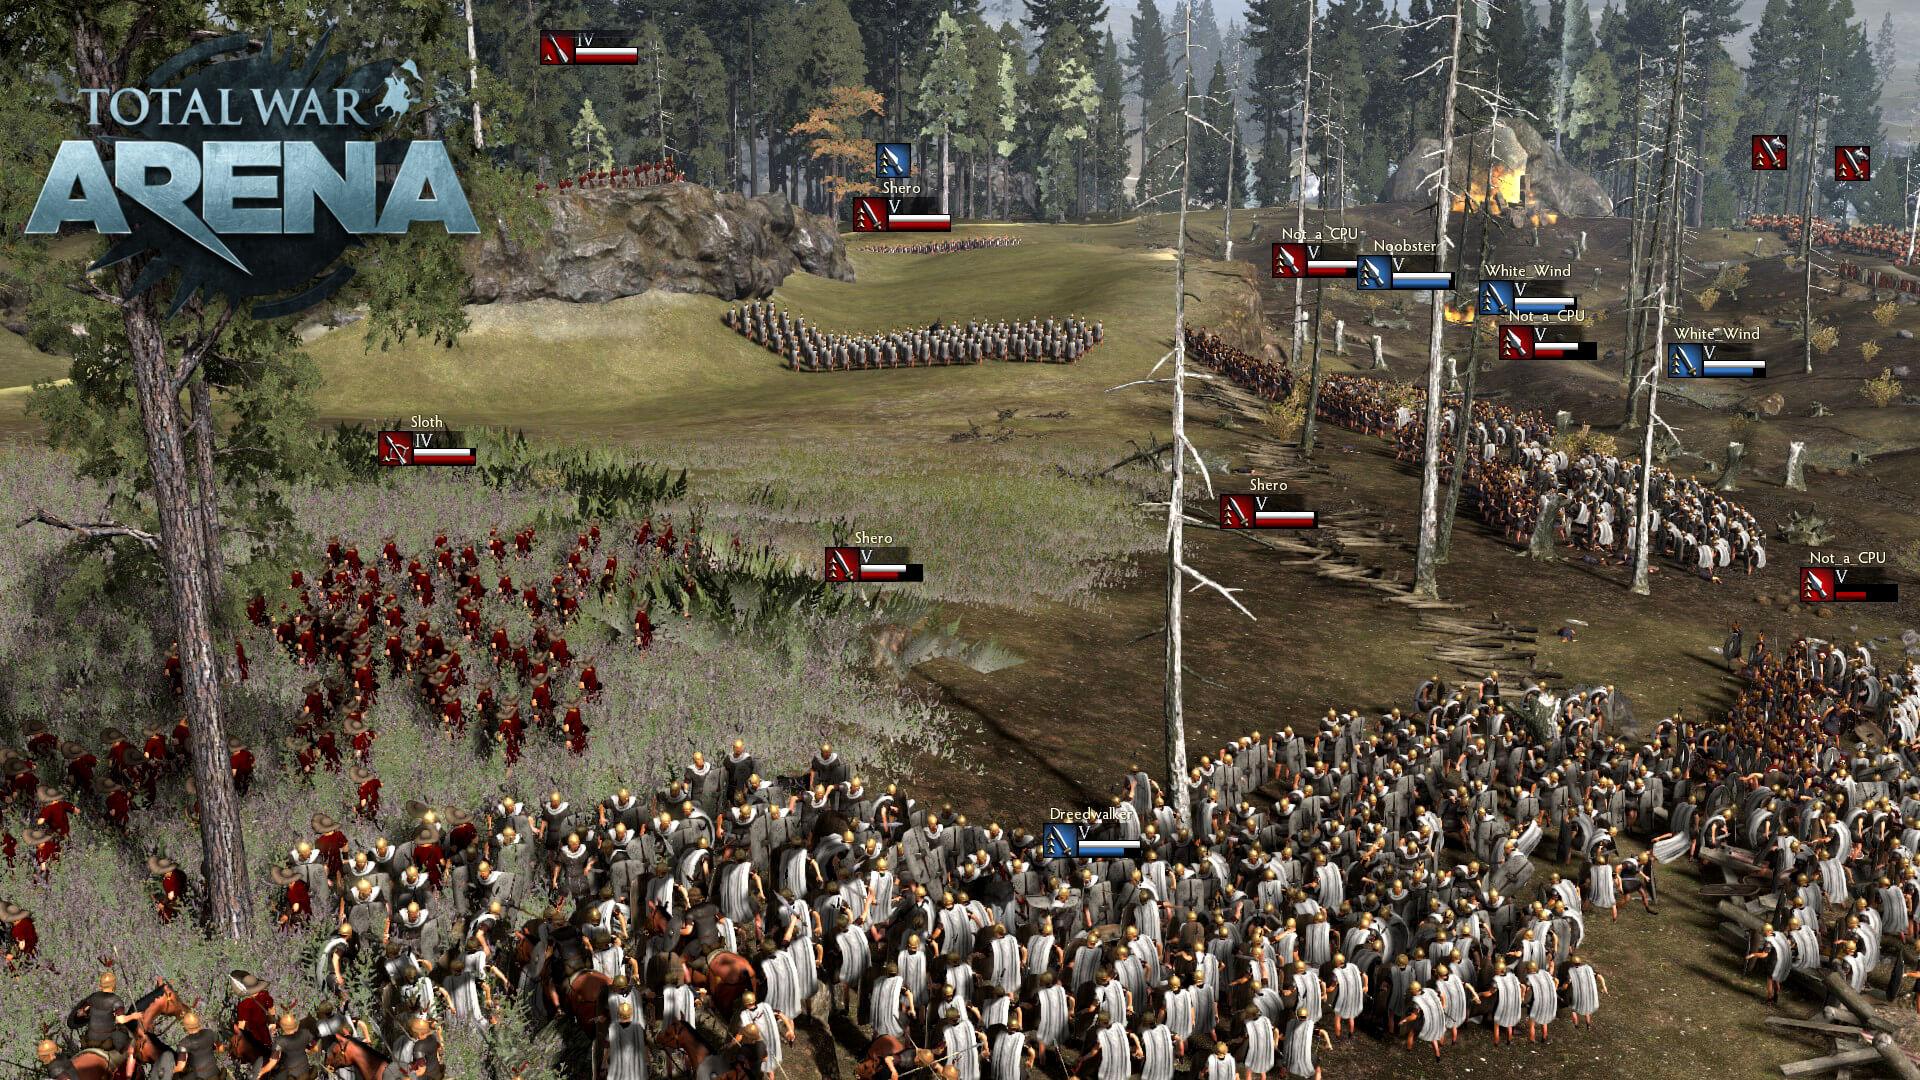 arena_screenshot_patch_10